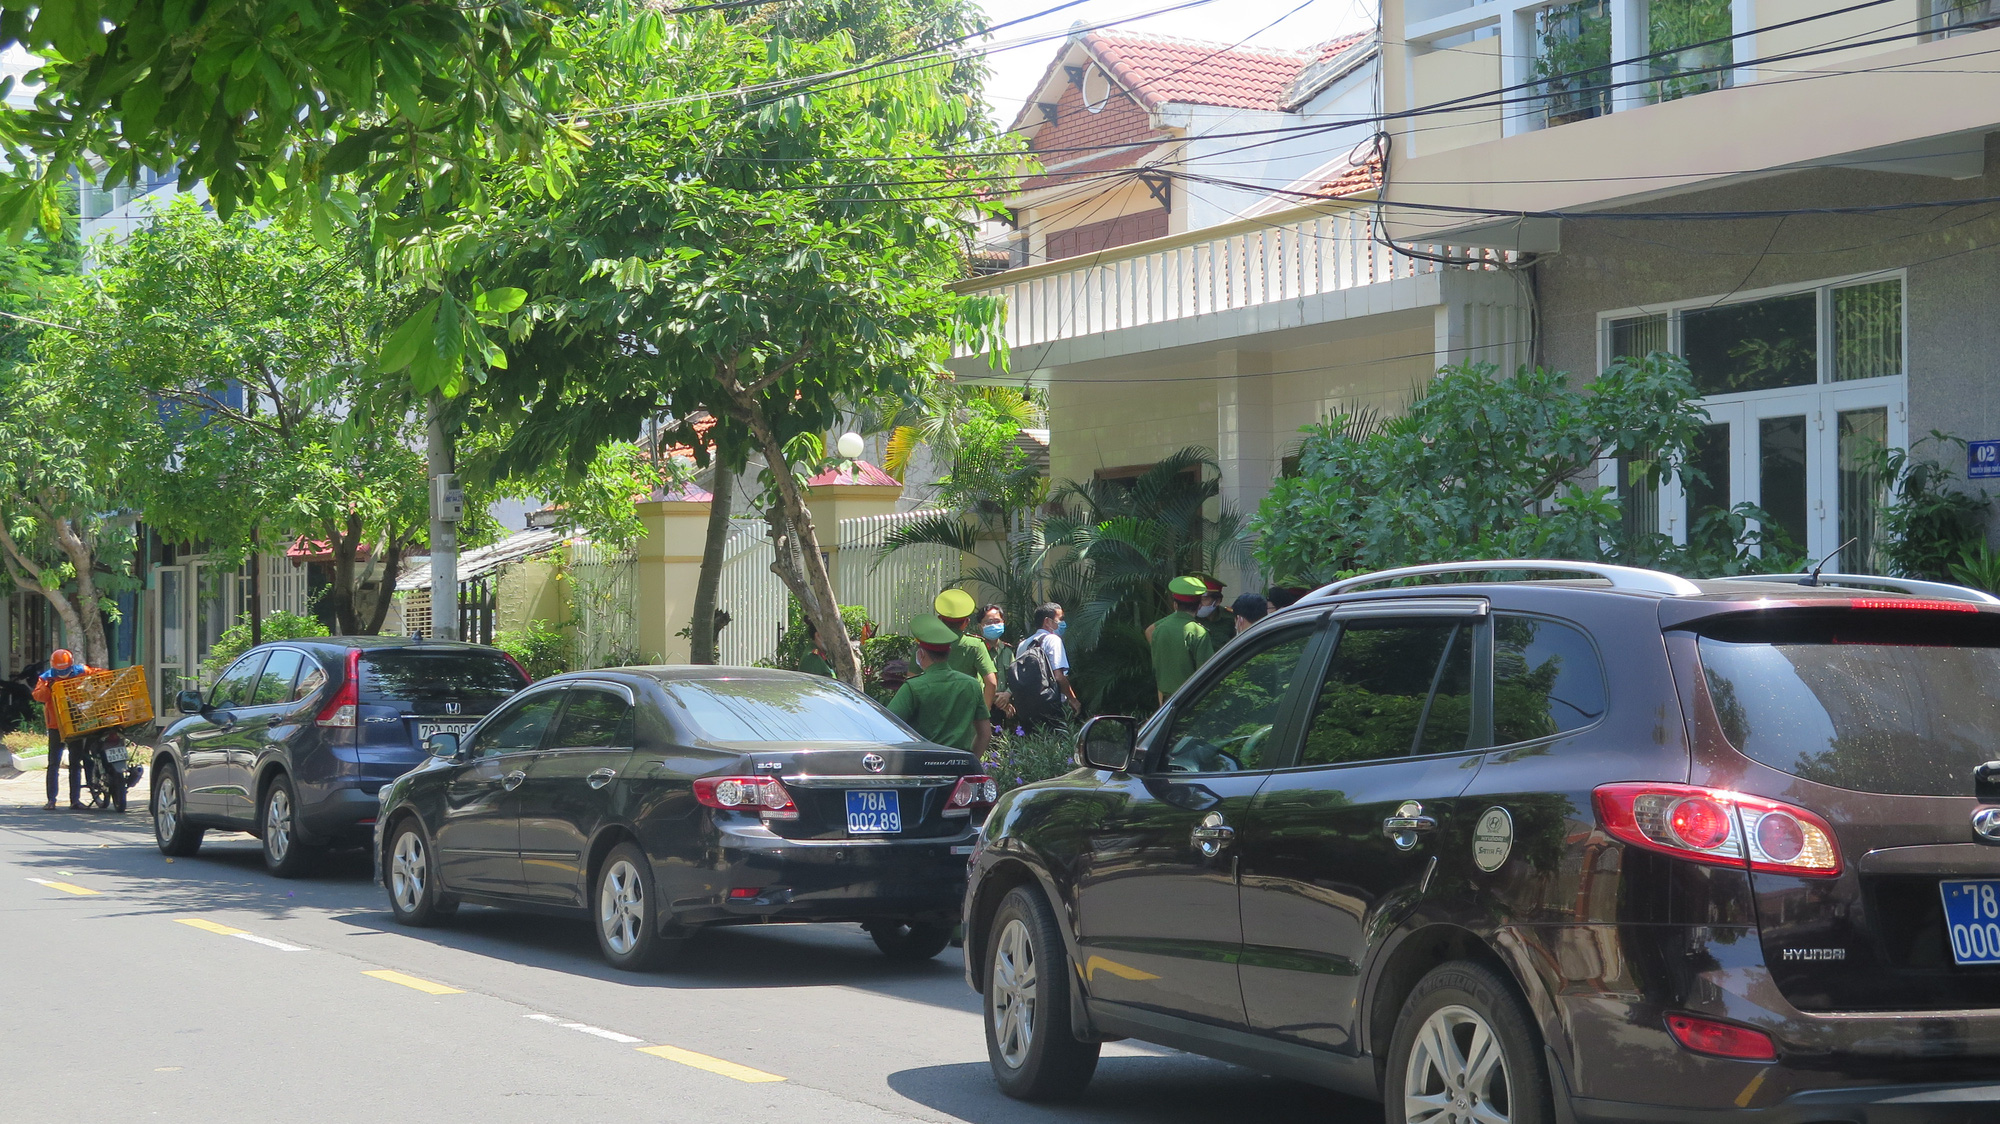 Khởi tố, bắt giam nguyên Phó Chủ tịch Thường trực UBND tỉnh Phú Yên Nguyễn Chí Hiến  - Ảnh 1.